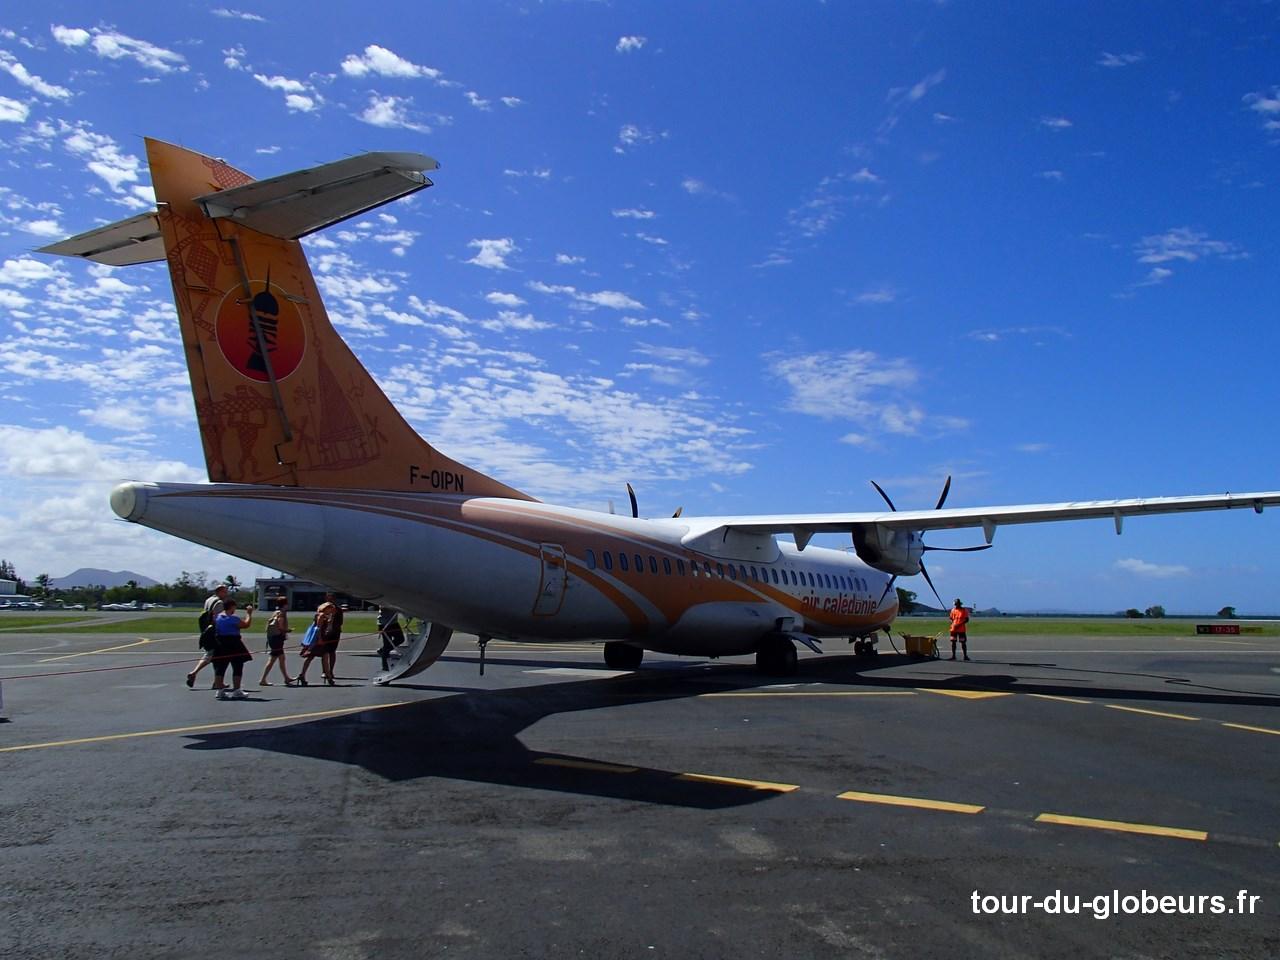 Nle-Calédonie - Air Calédonie inter-ïles